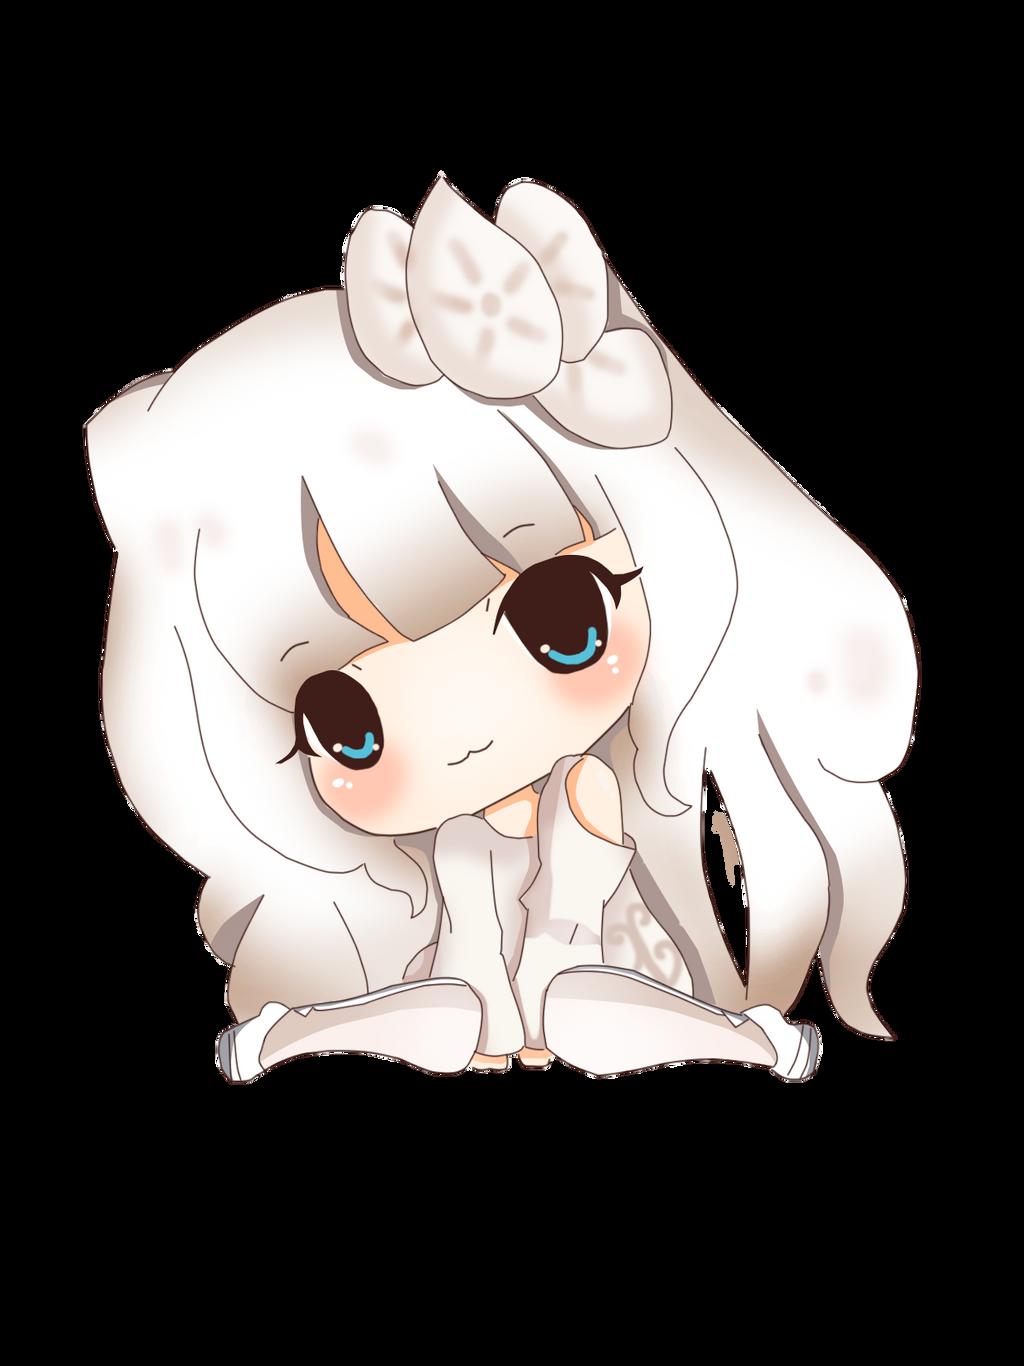 White Princess by Nini-kat